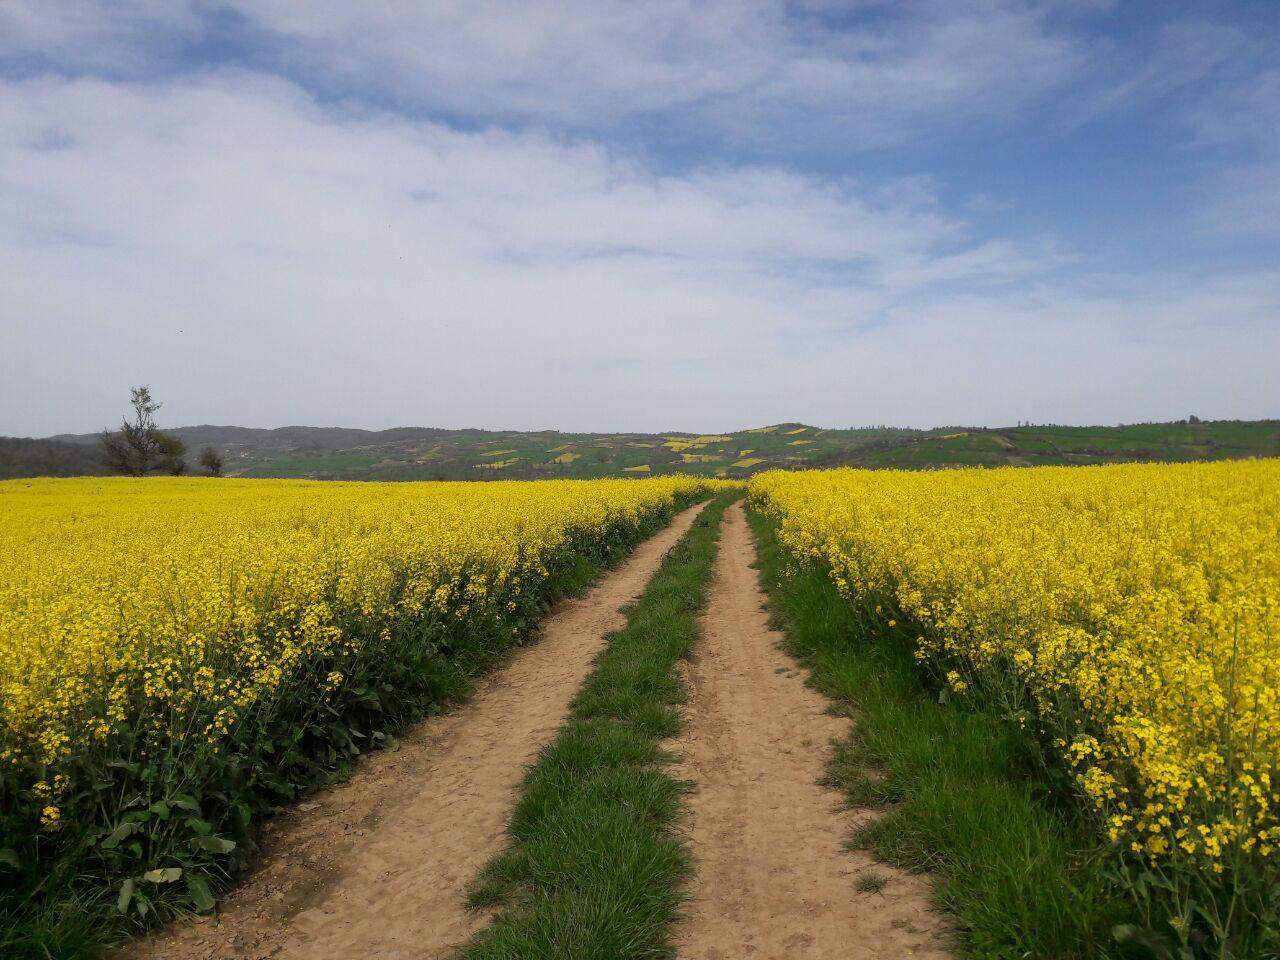 تصاویر مزارع کلزا روستای لاکتراش استان مازندران